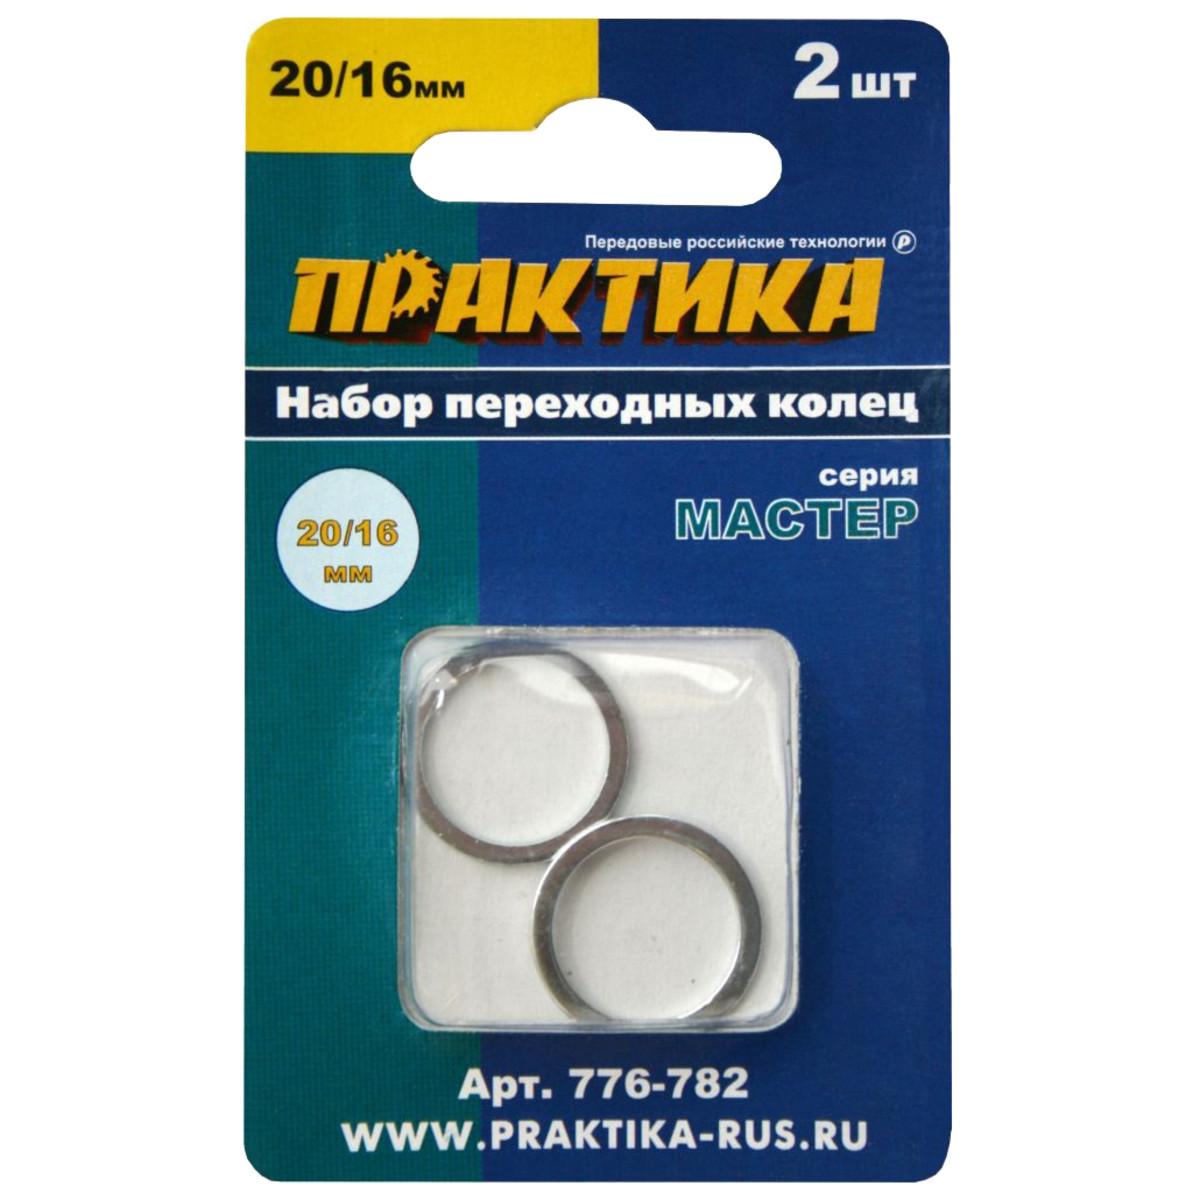 Кольцо переходное ПРАКТИКА 20/16 мм